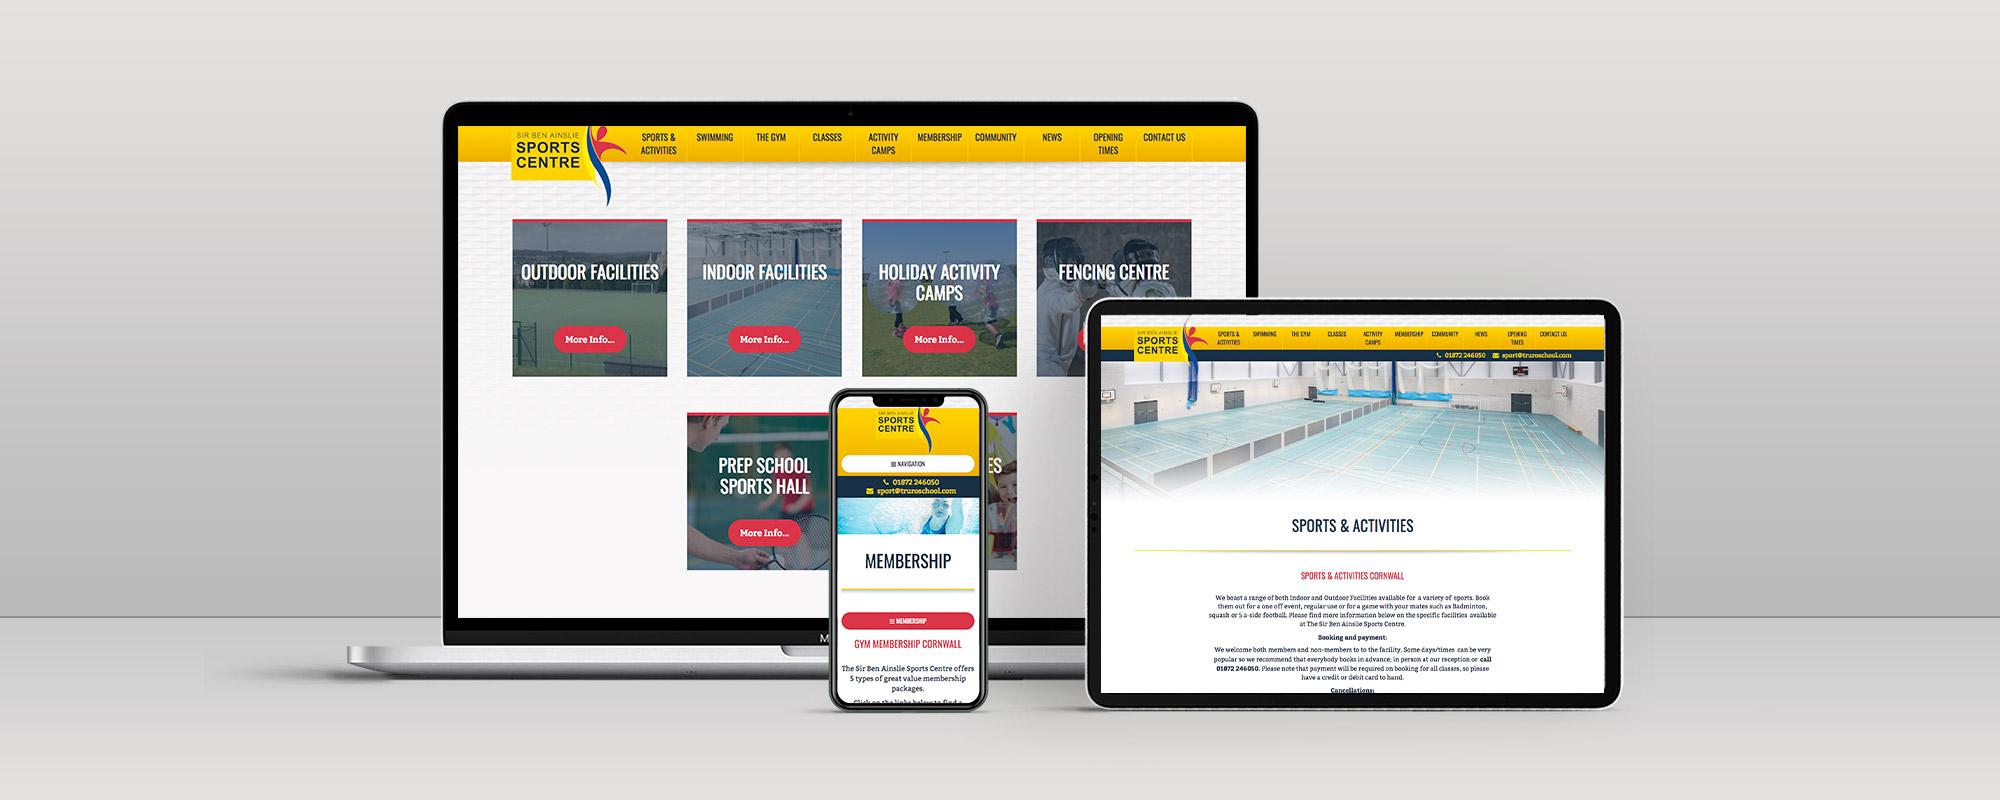 Sir Ben Ainslie Sports Centre Wordpress Website Design on 3 Devices